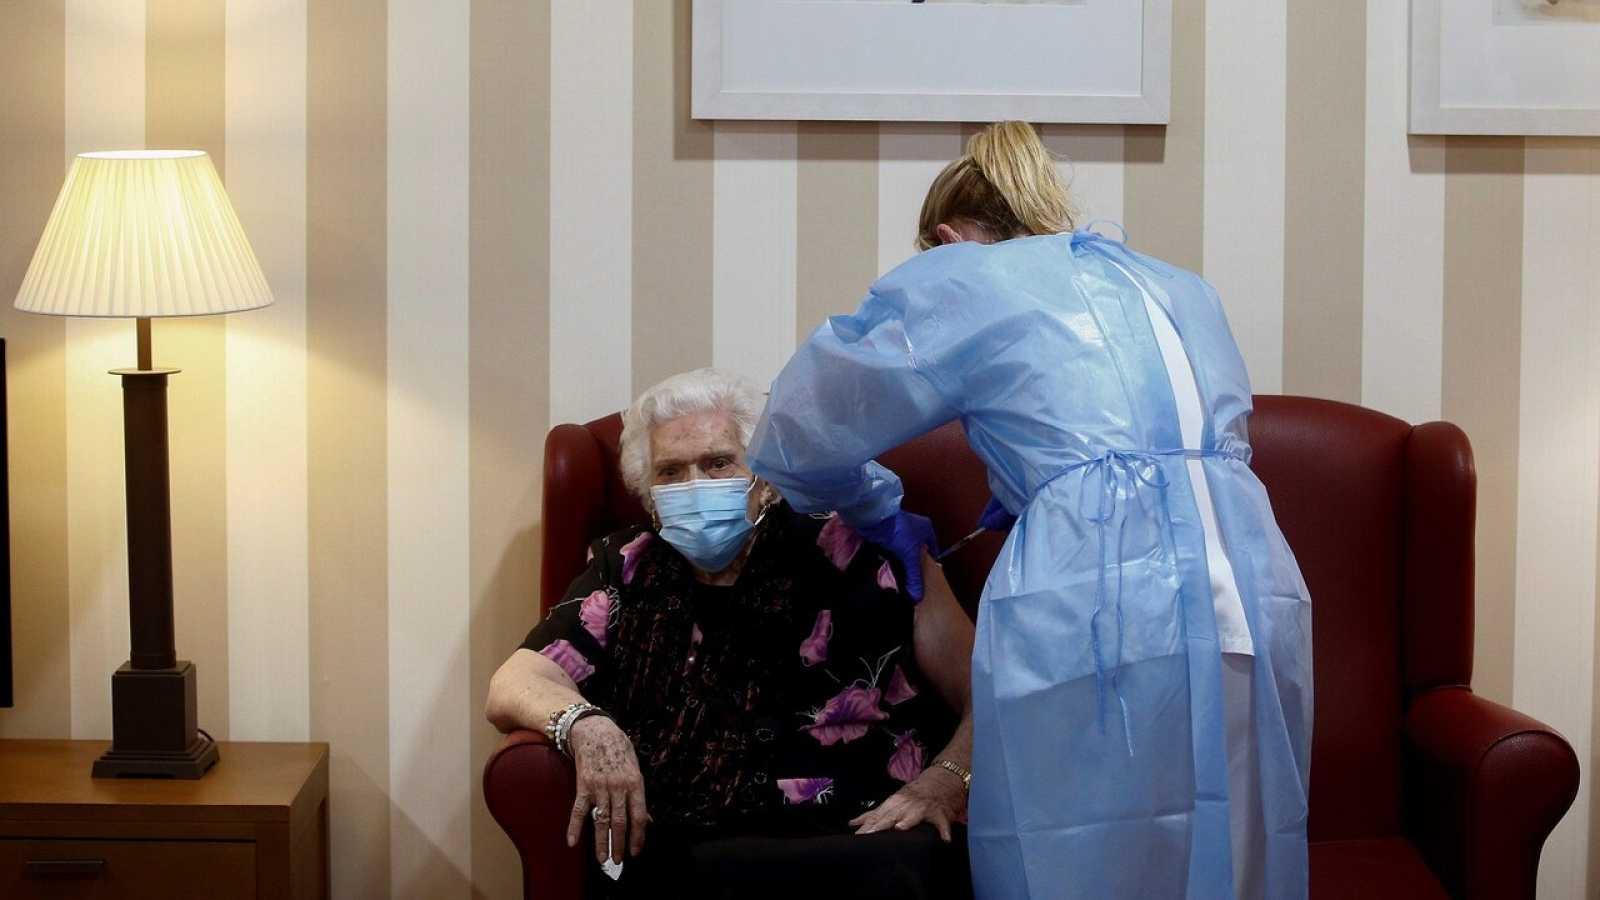 Los mayores de 80 años serán los siguientes en recibir la vacuna contra la COVID-19